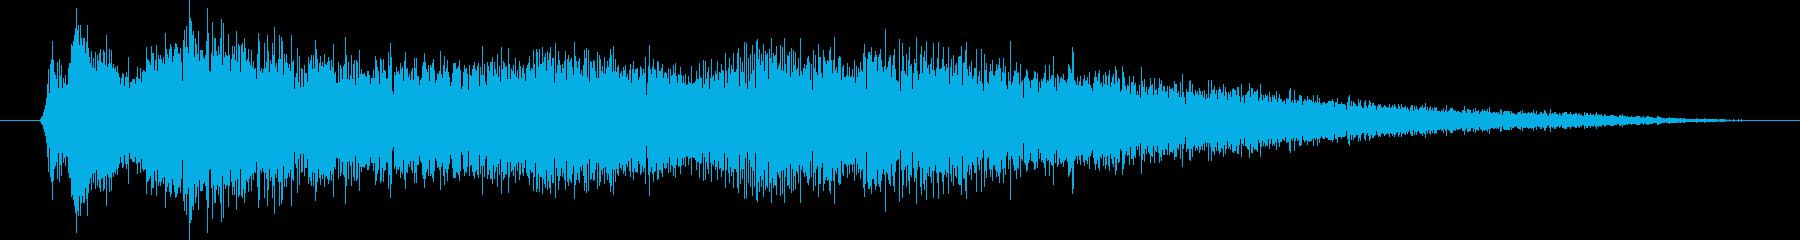 フィクション 電力装置 ウィンドダ...の再生済みの波形